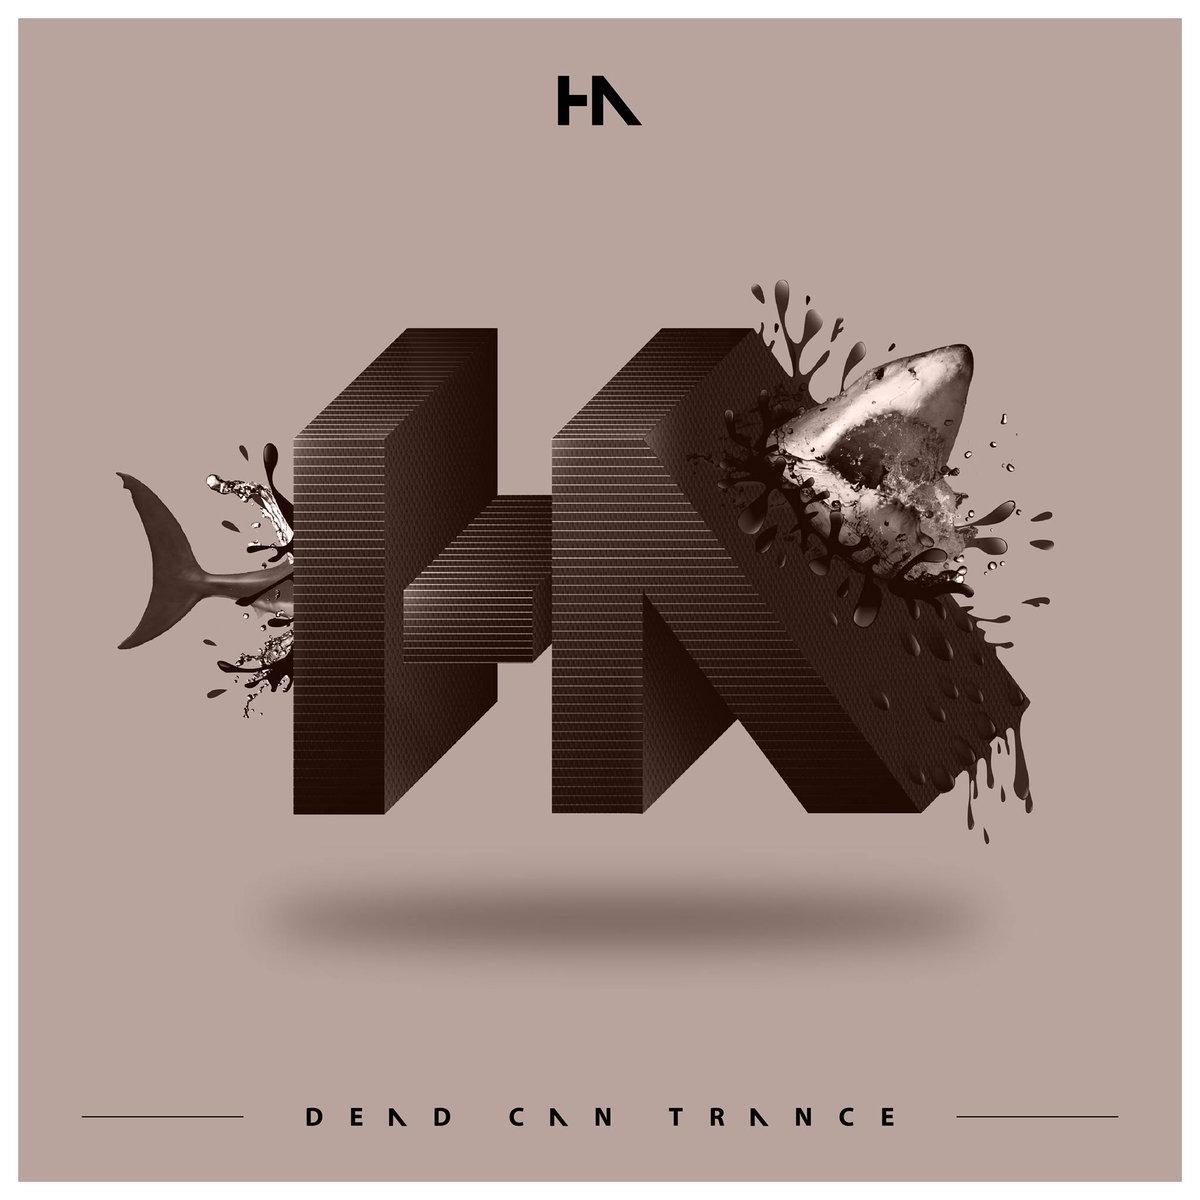 Dead Can Trance - Ha EP